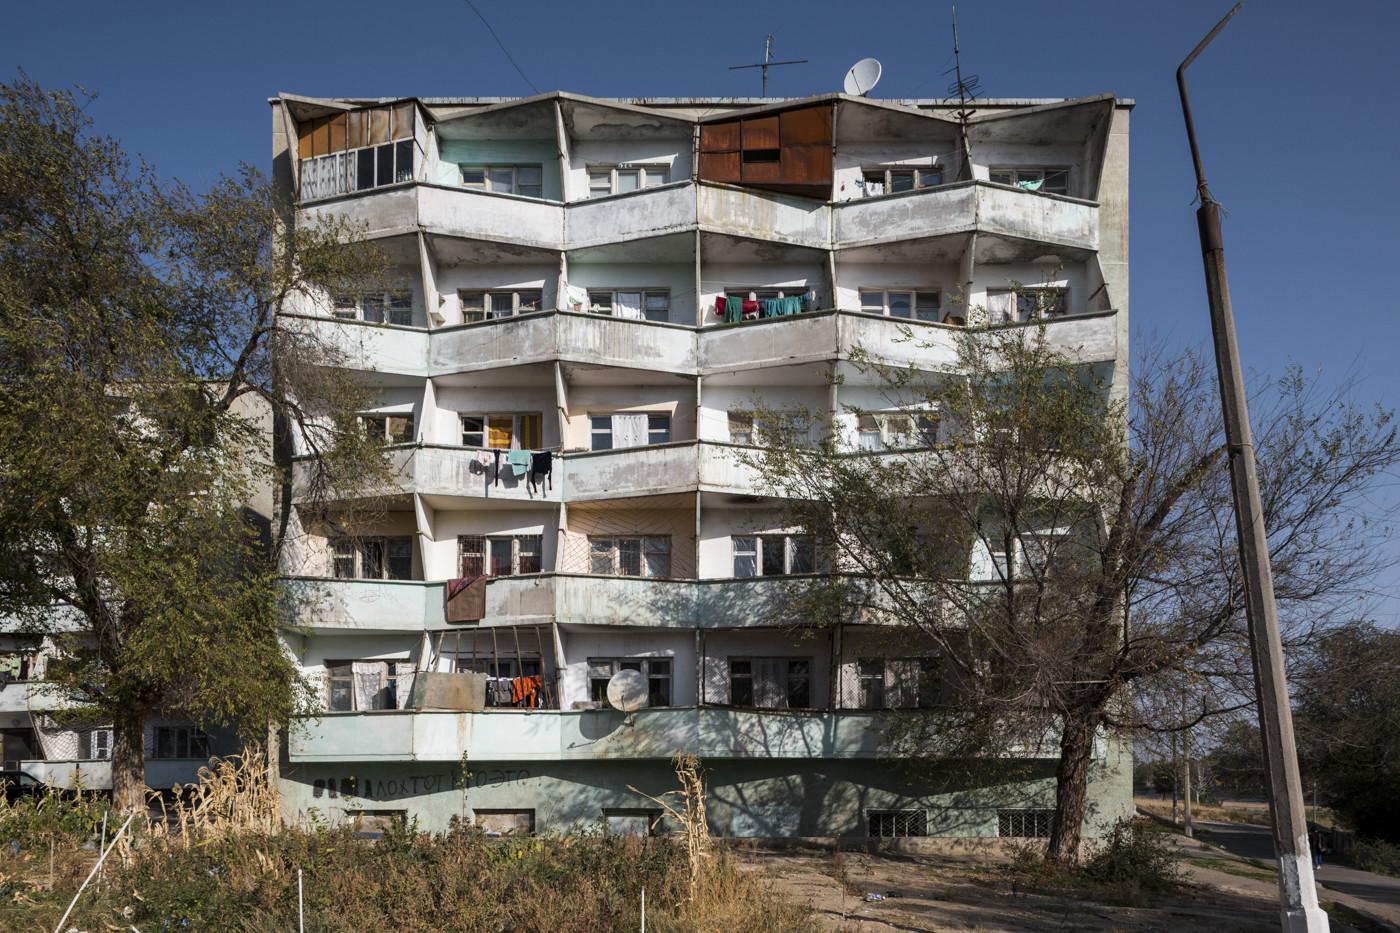 Edificio residenziale (anni '70). Chkalovsk, Tajikistan